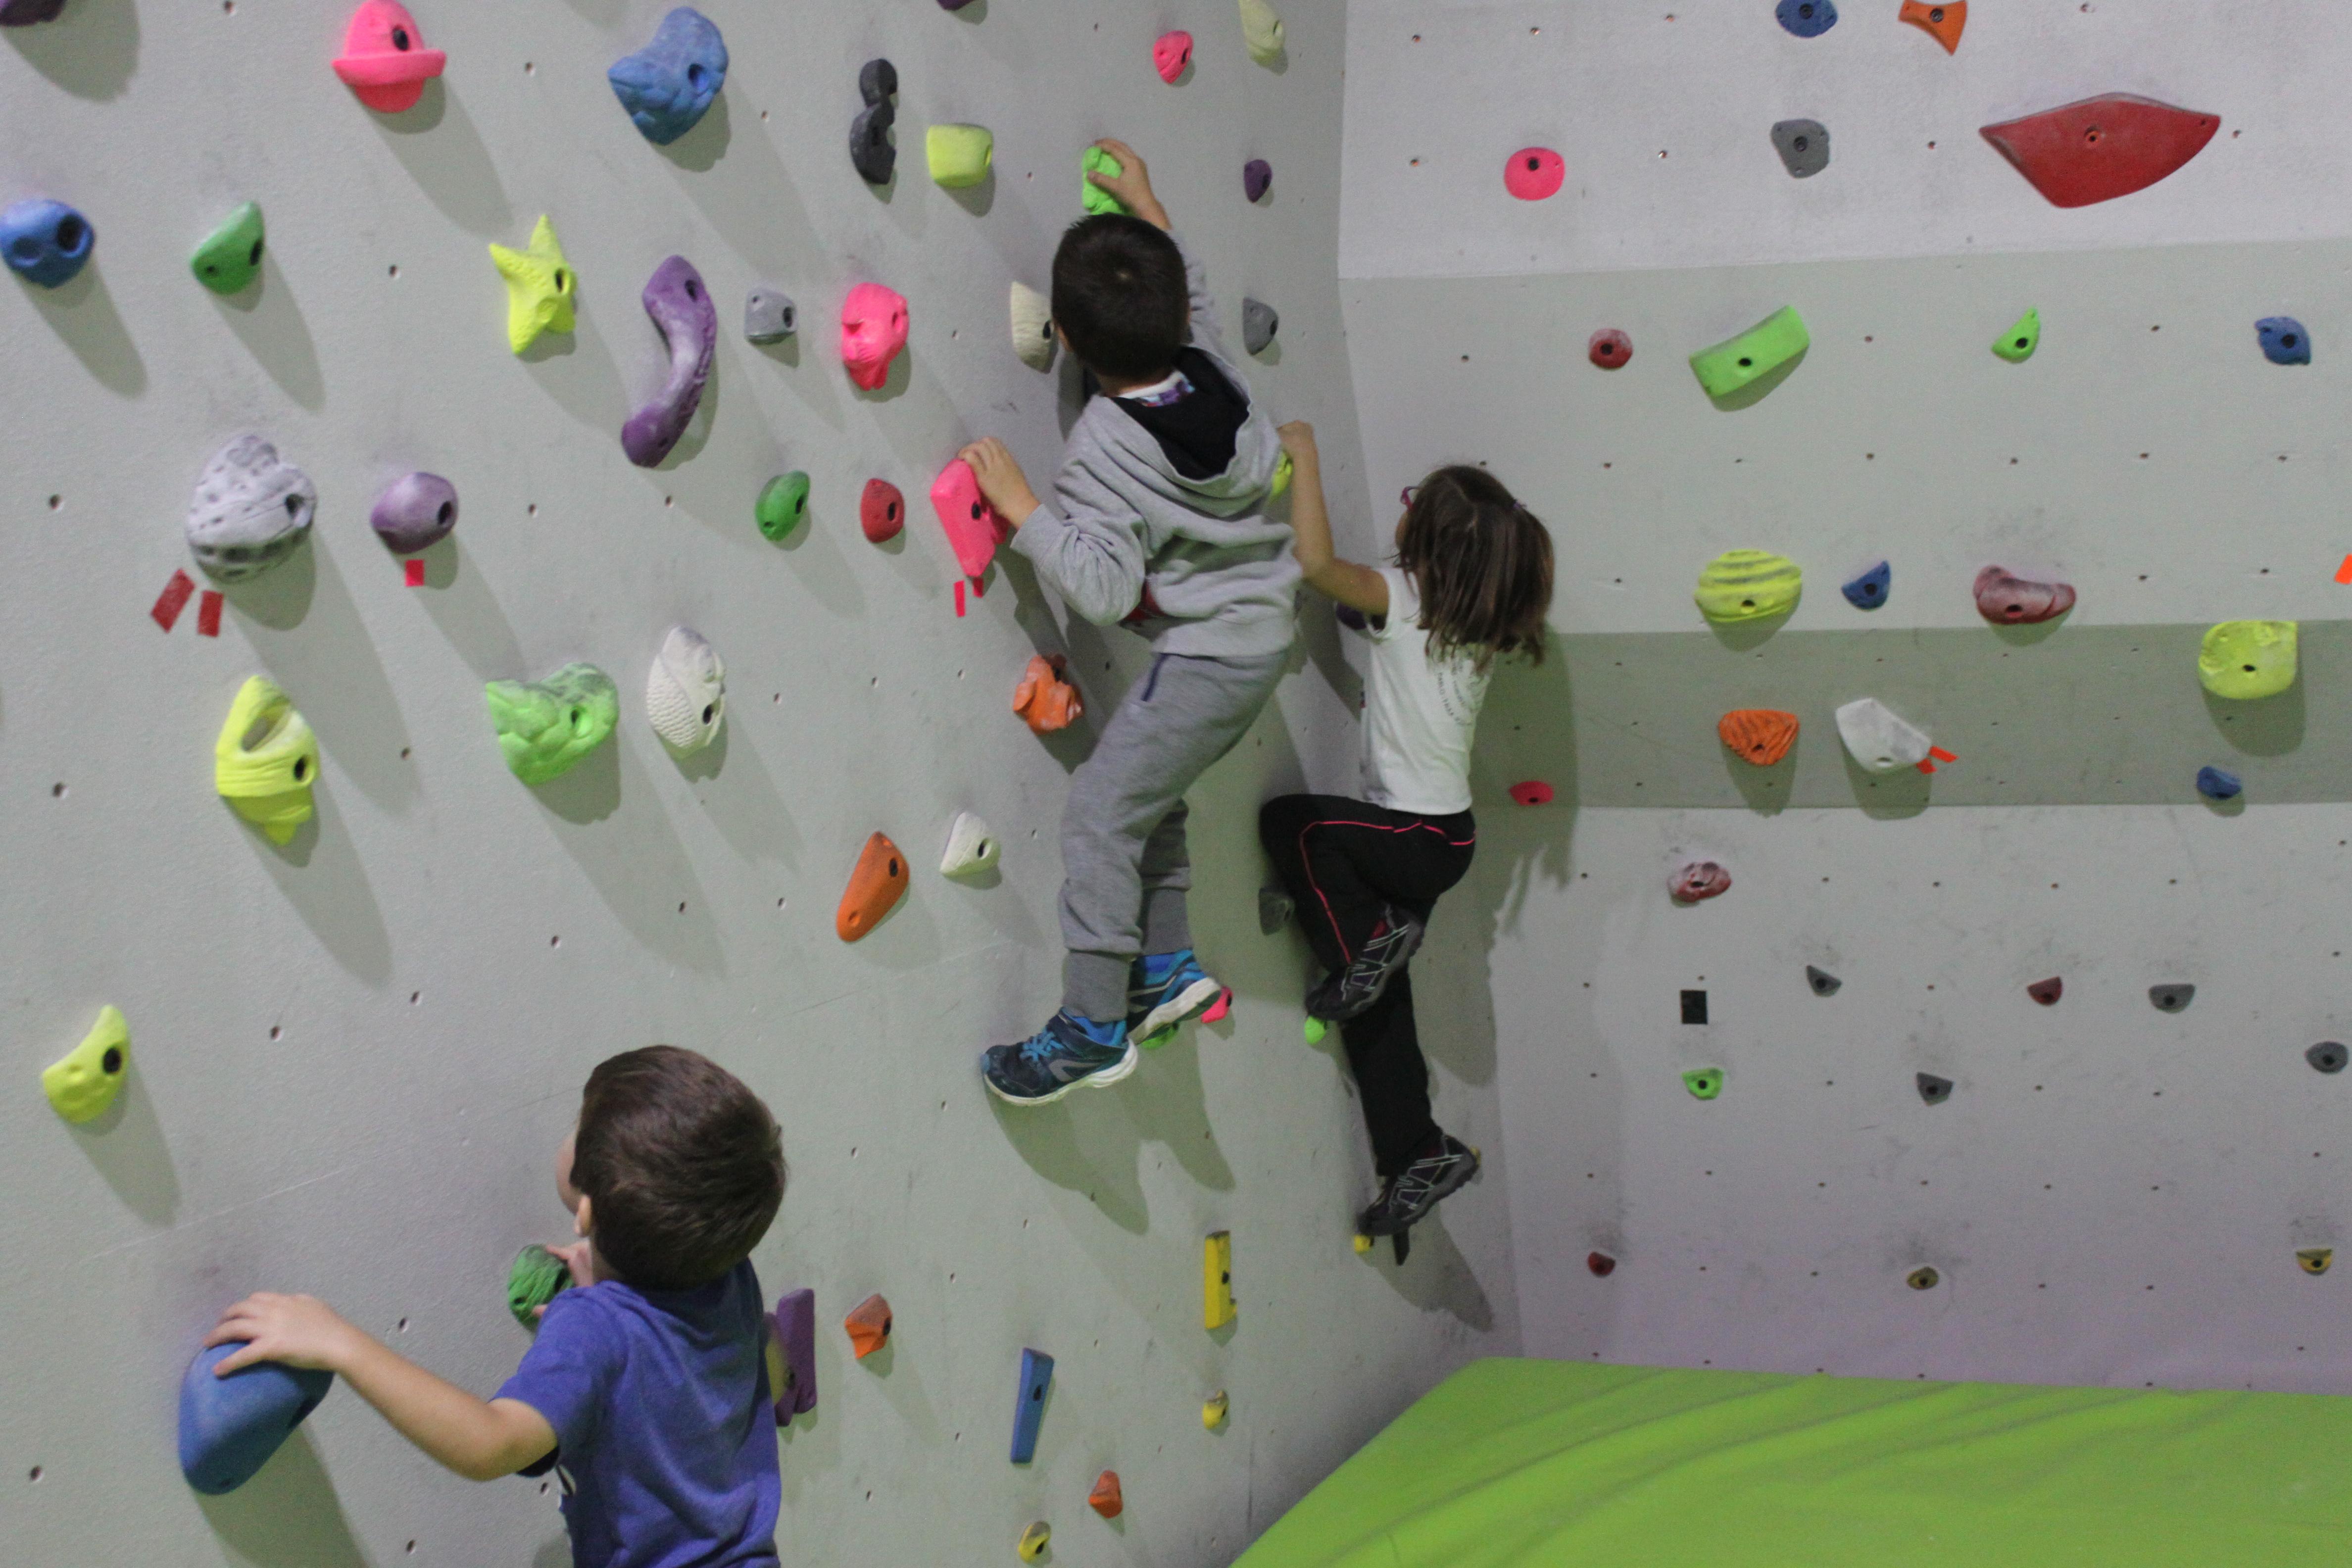 Actividades Extraescolares de escalada